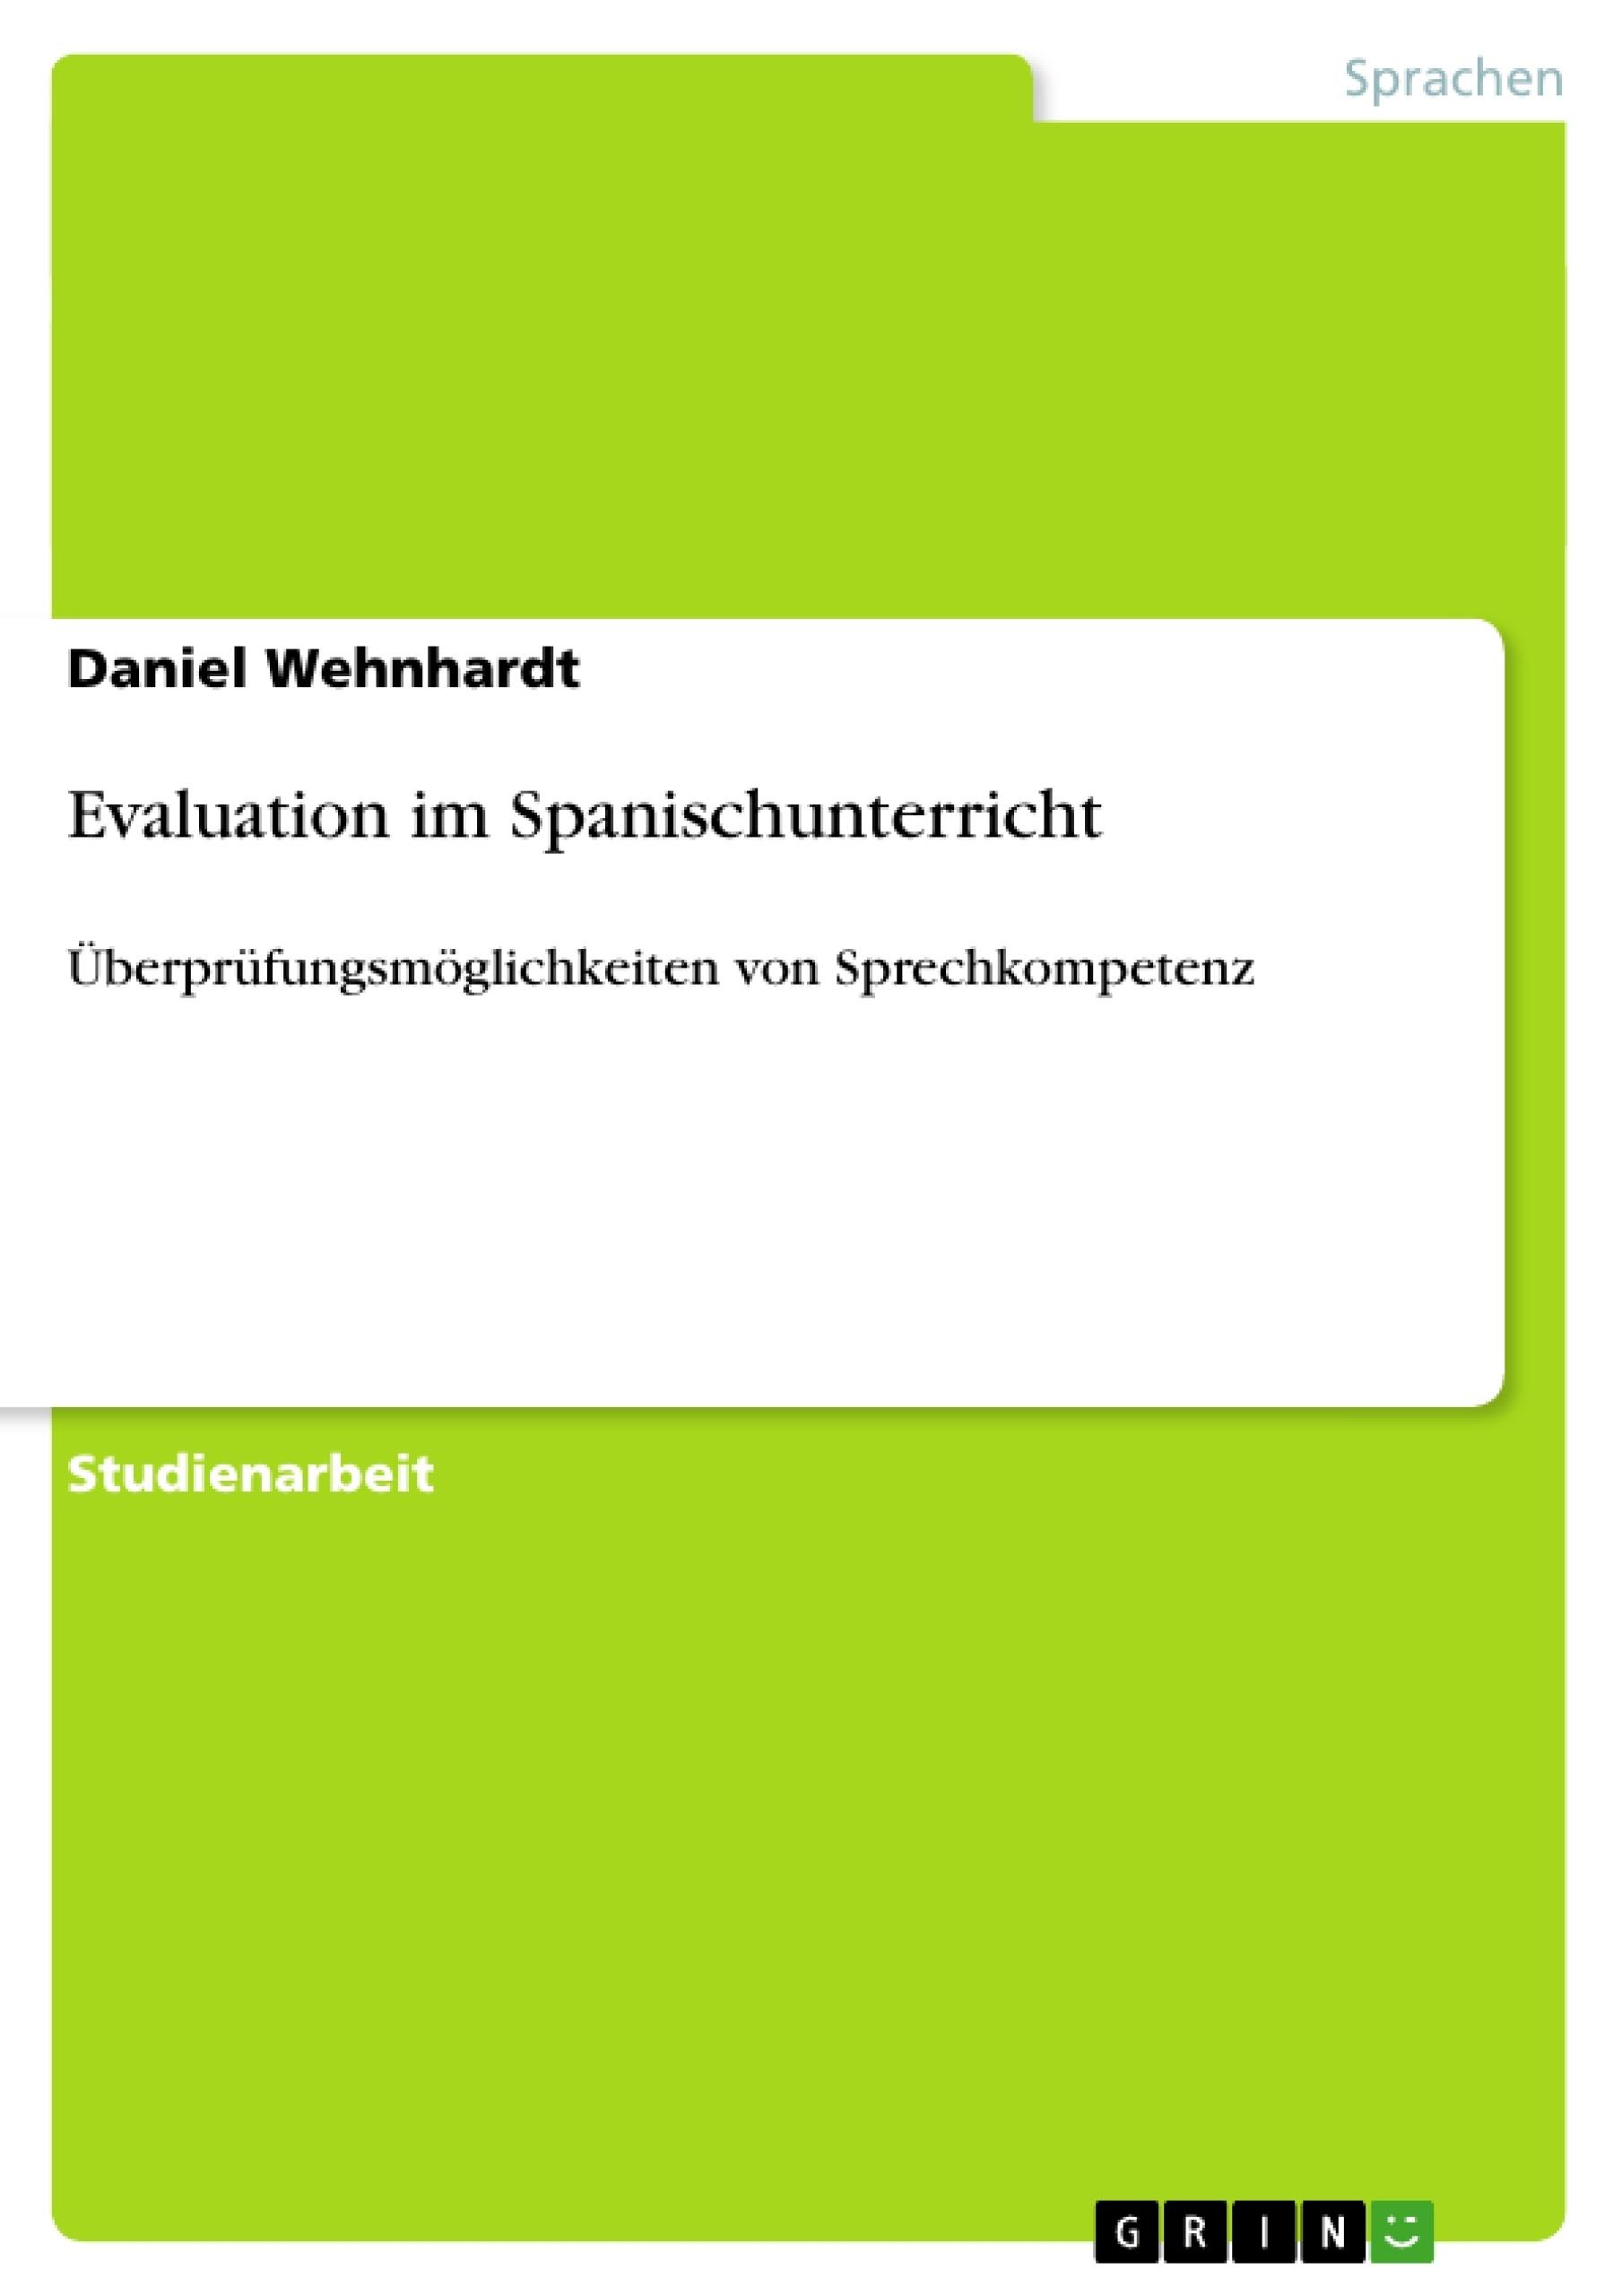 Titel: Evaluation im Spanischunterricht